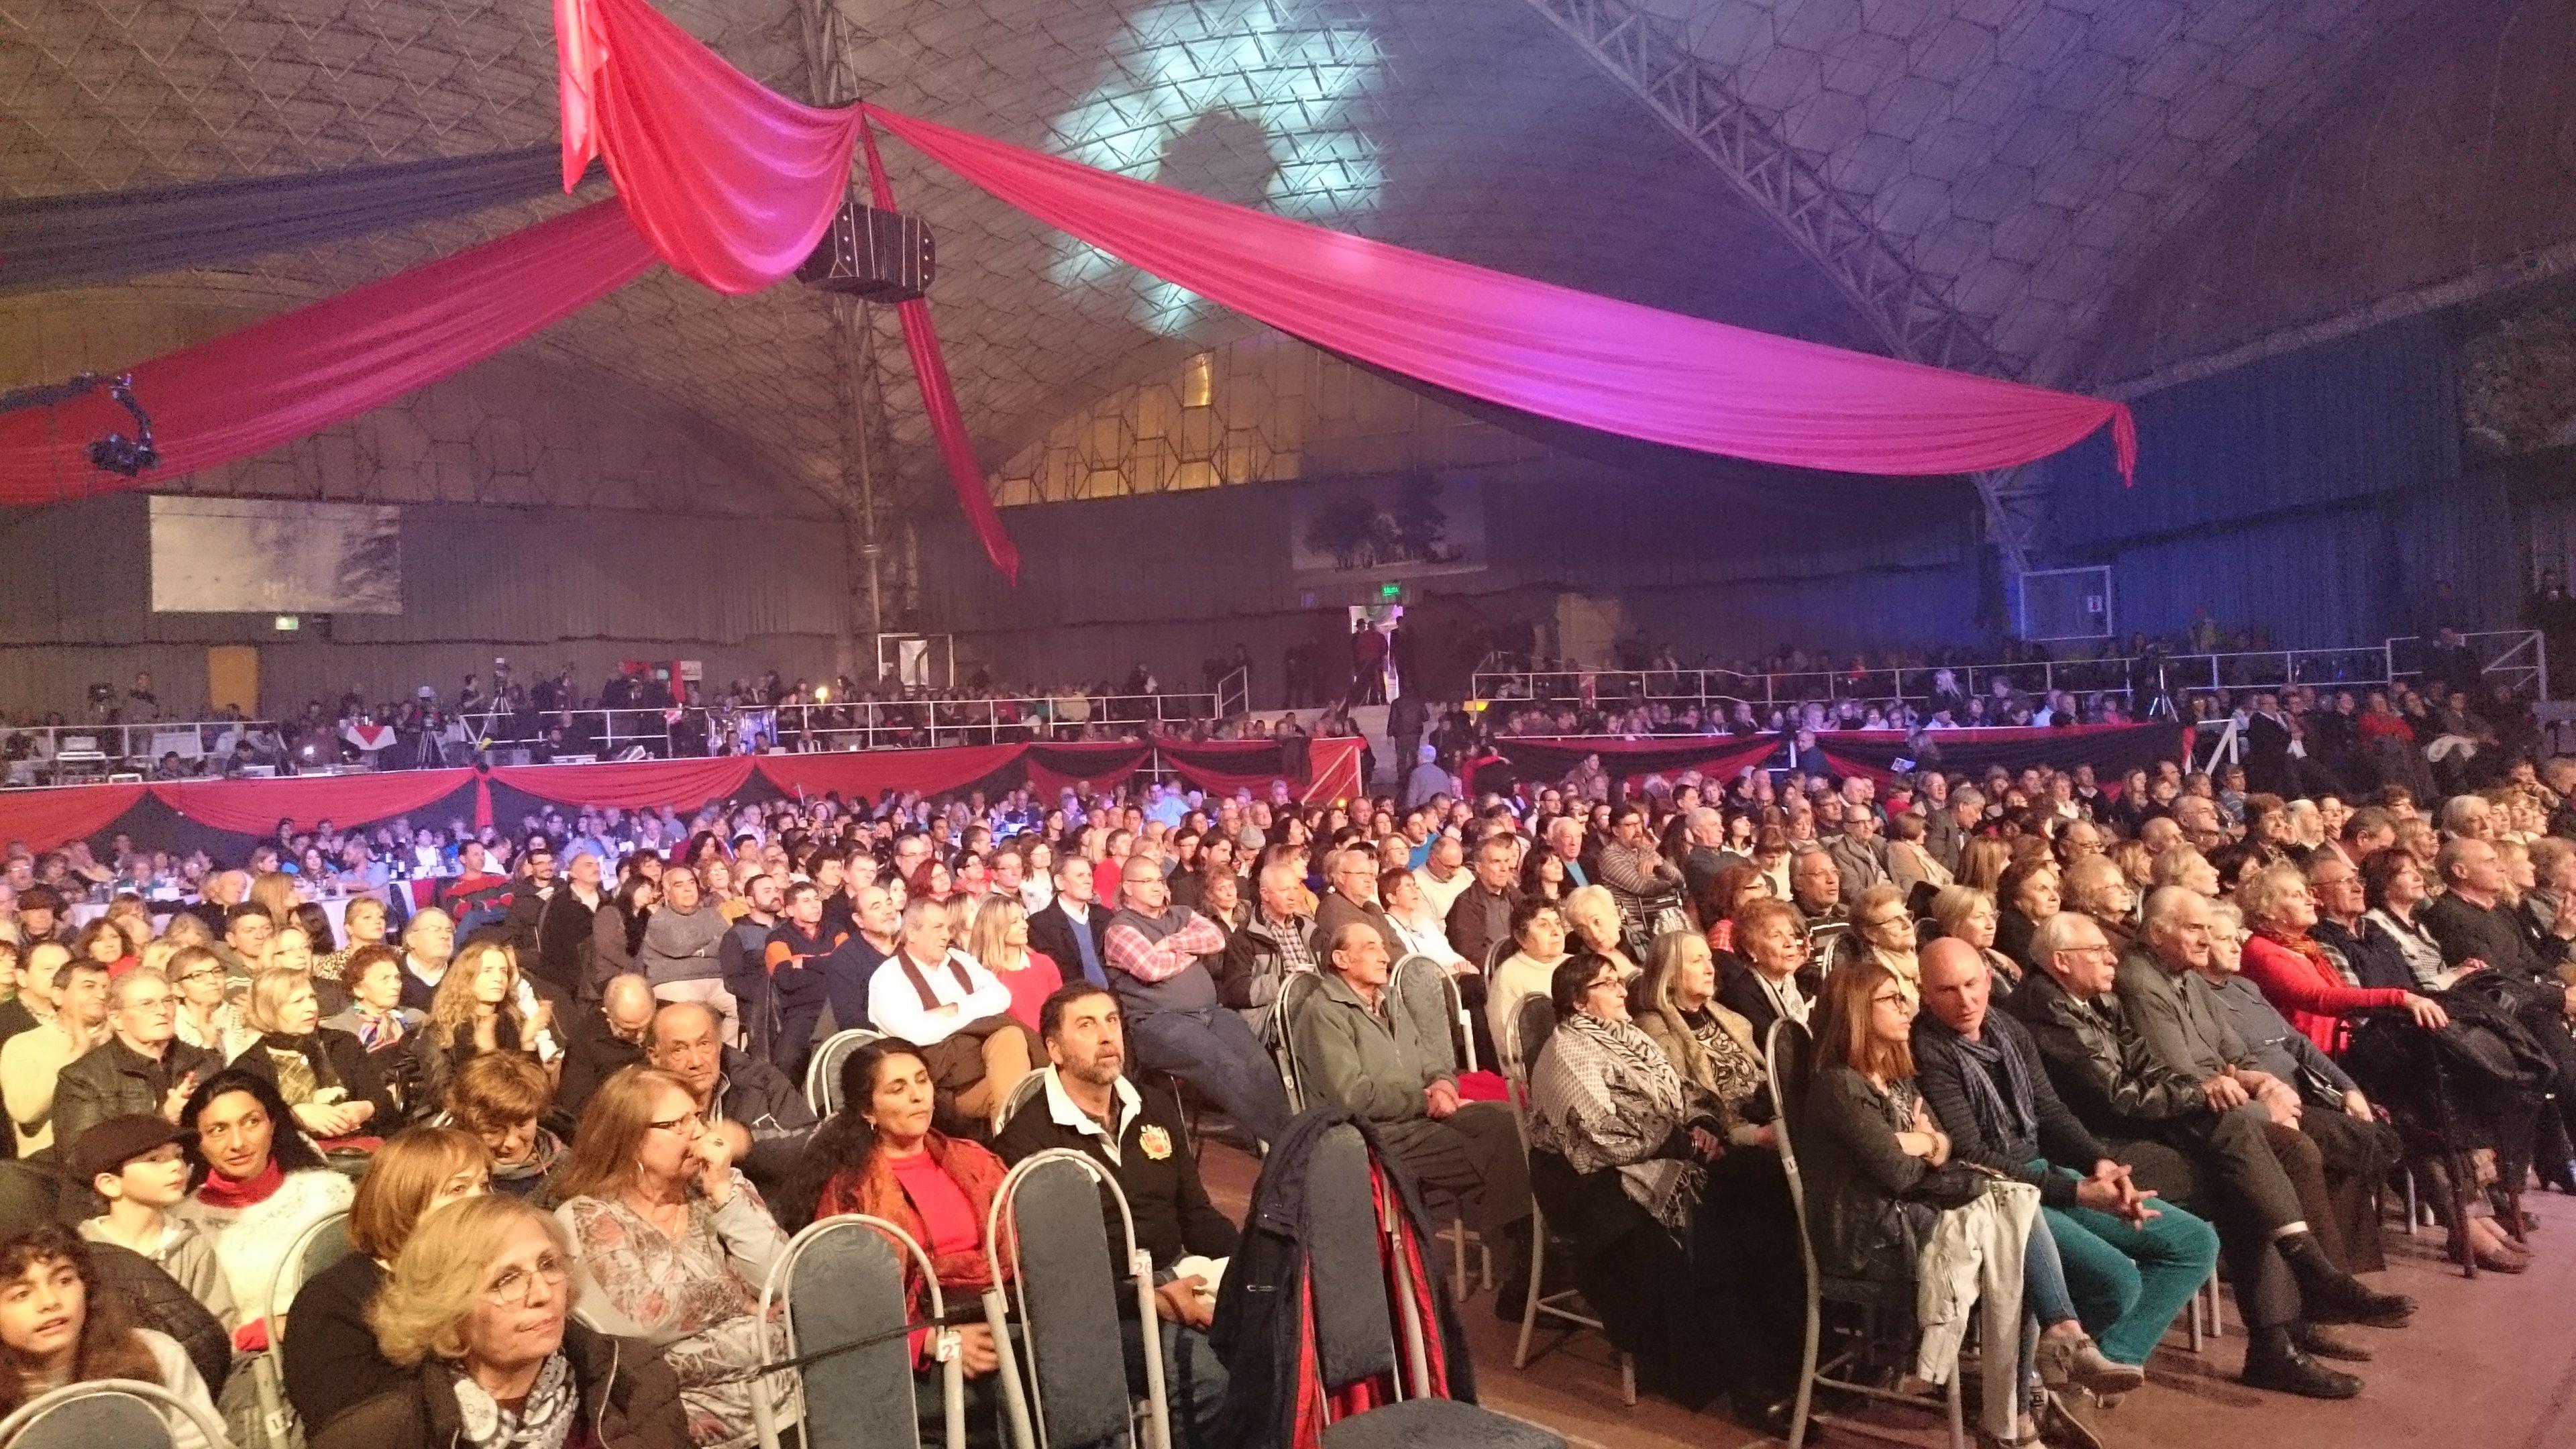 El auditorio Carlos Gardel de La Falda vive el #Tango2016